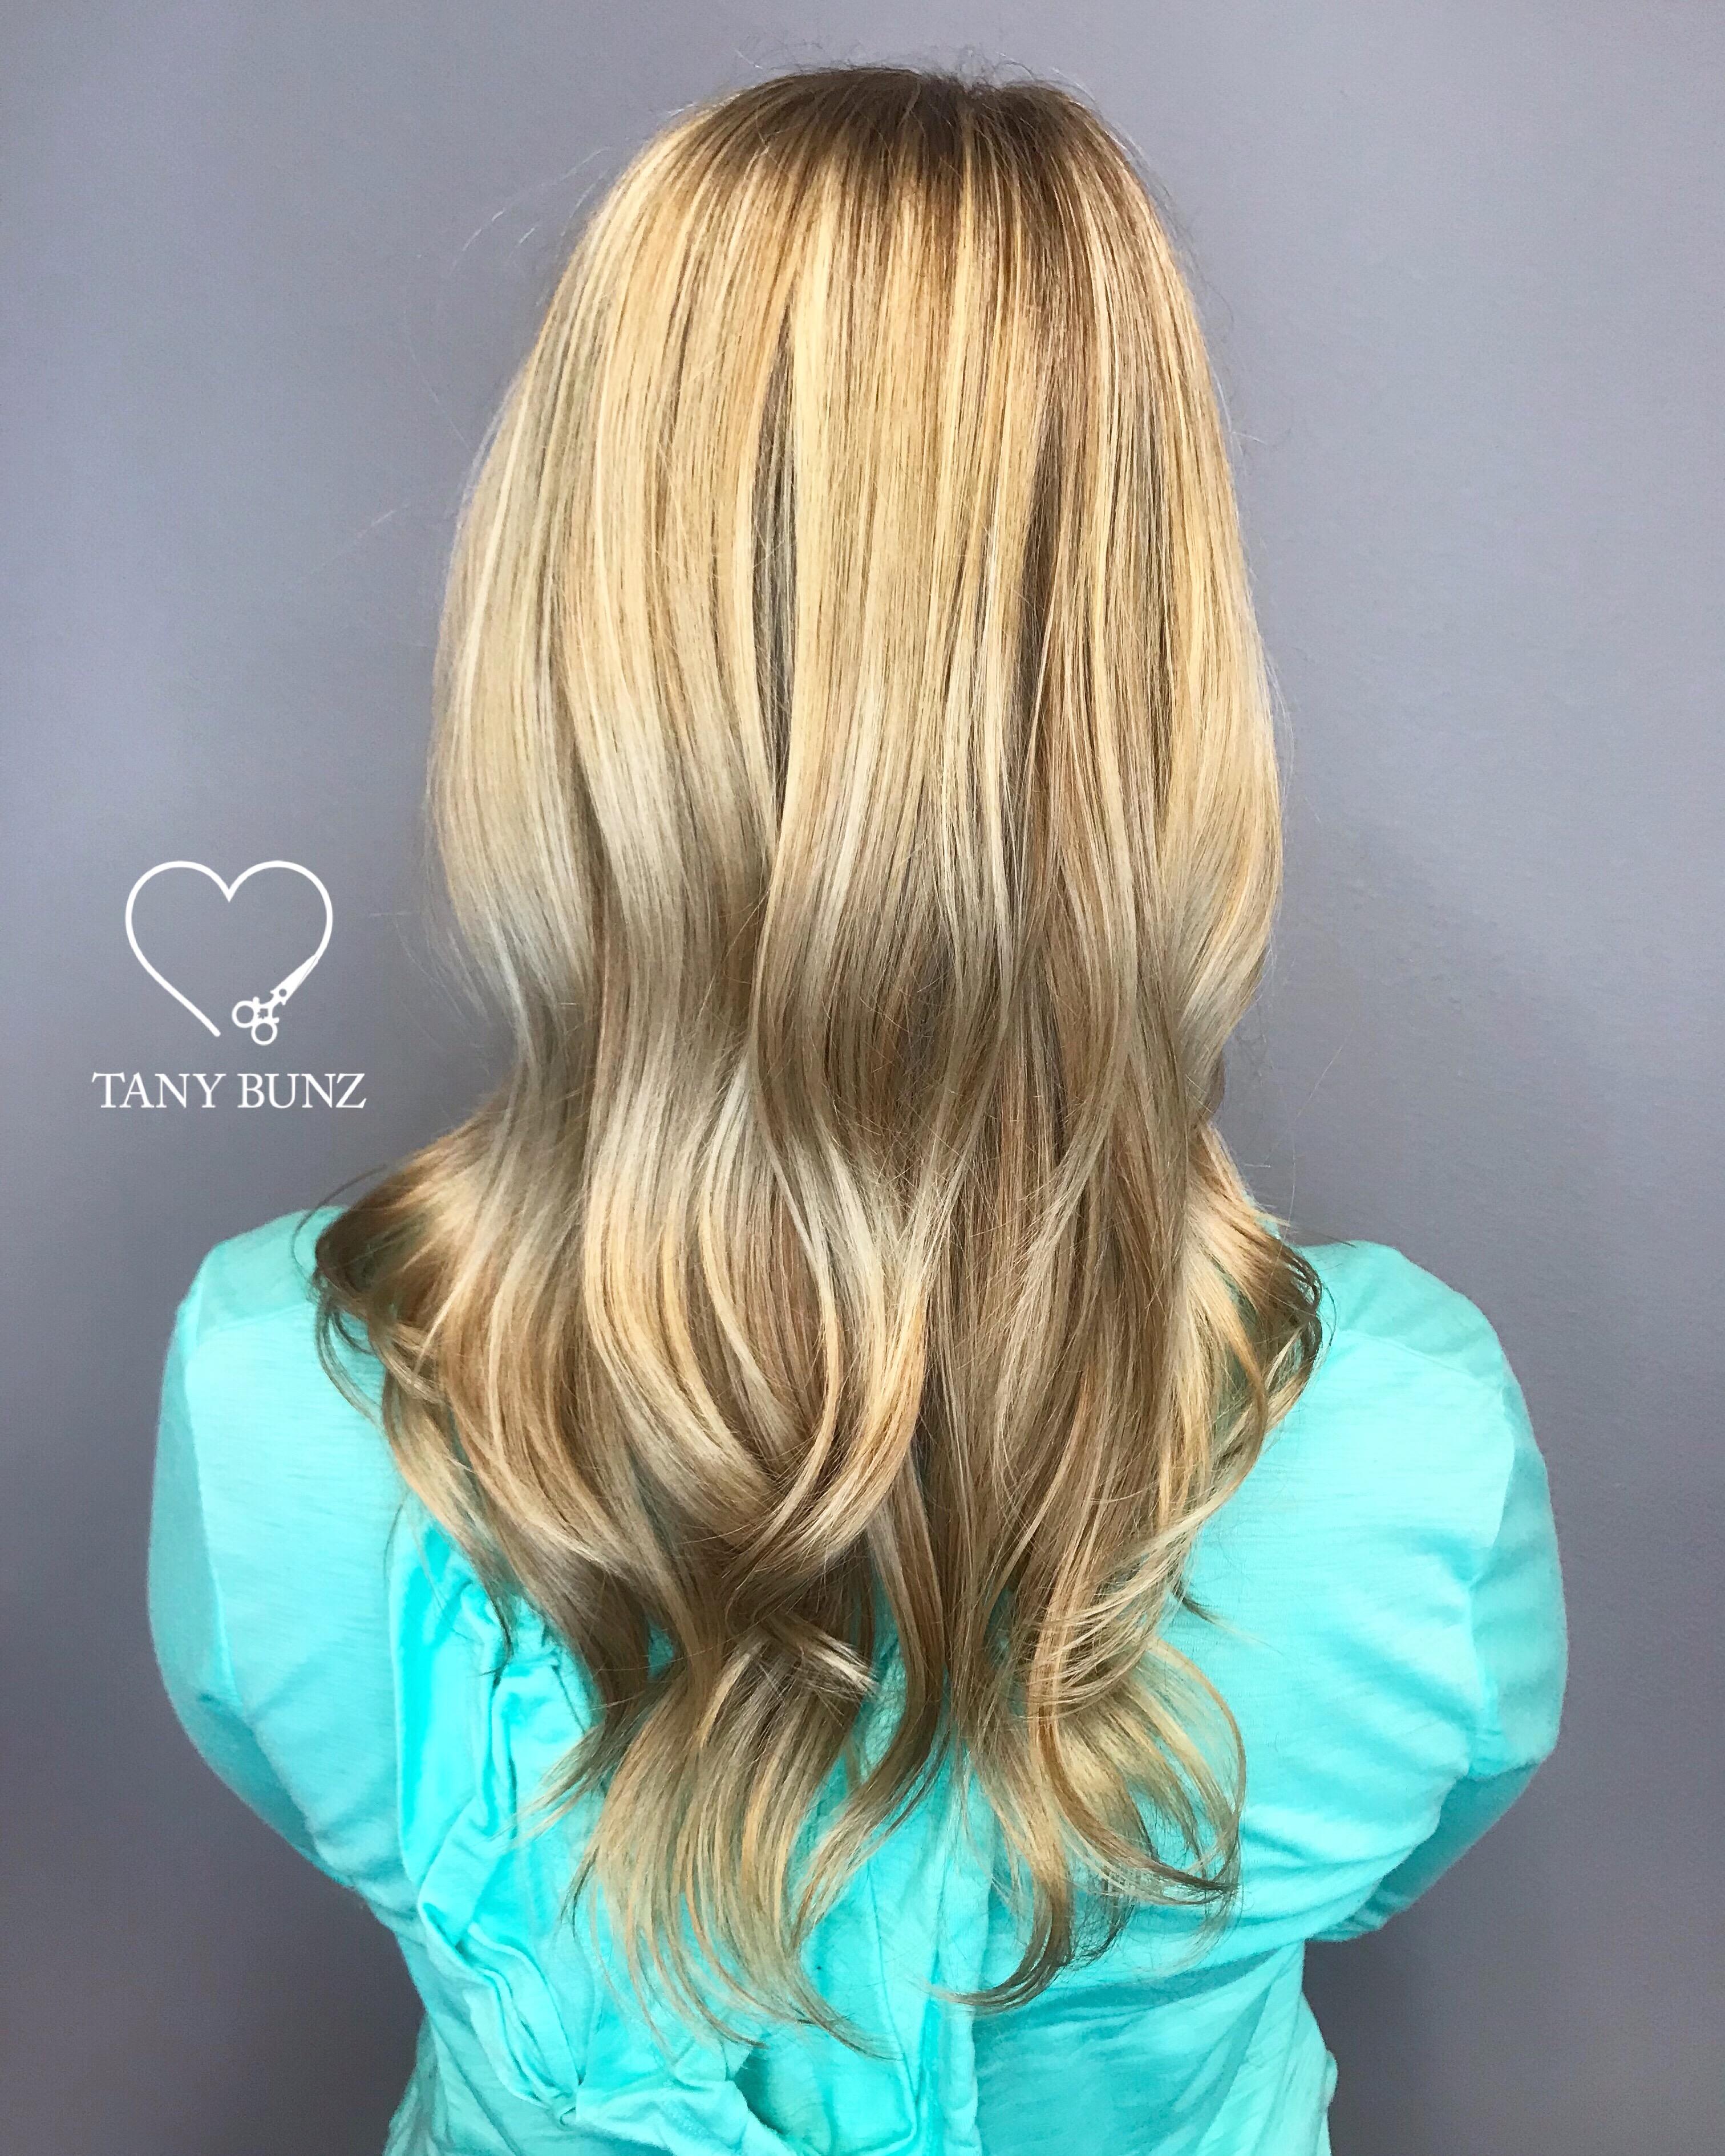 San Diego Hair Stylist   Love Tany Bunz